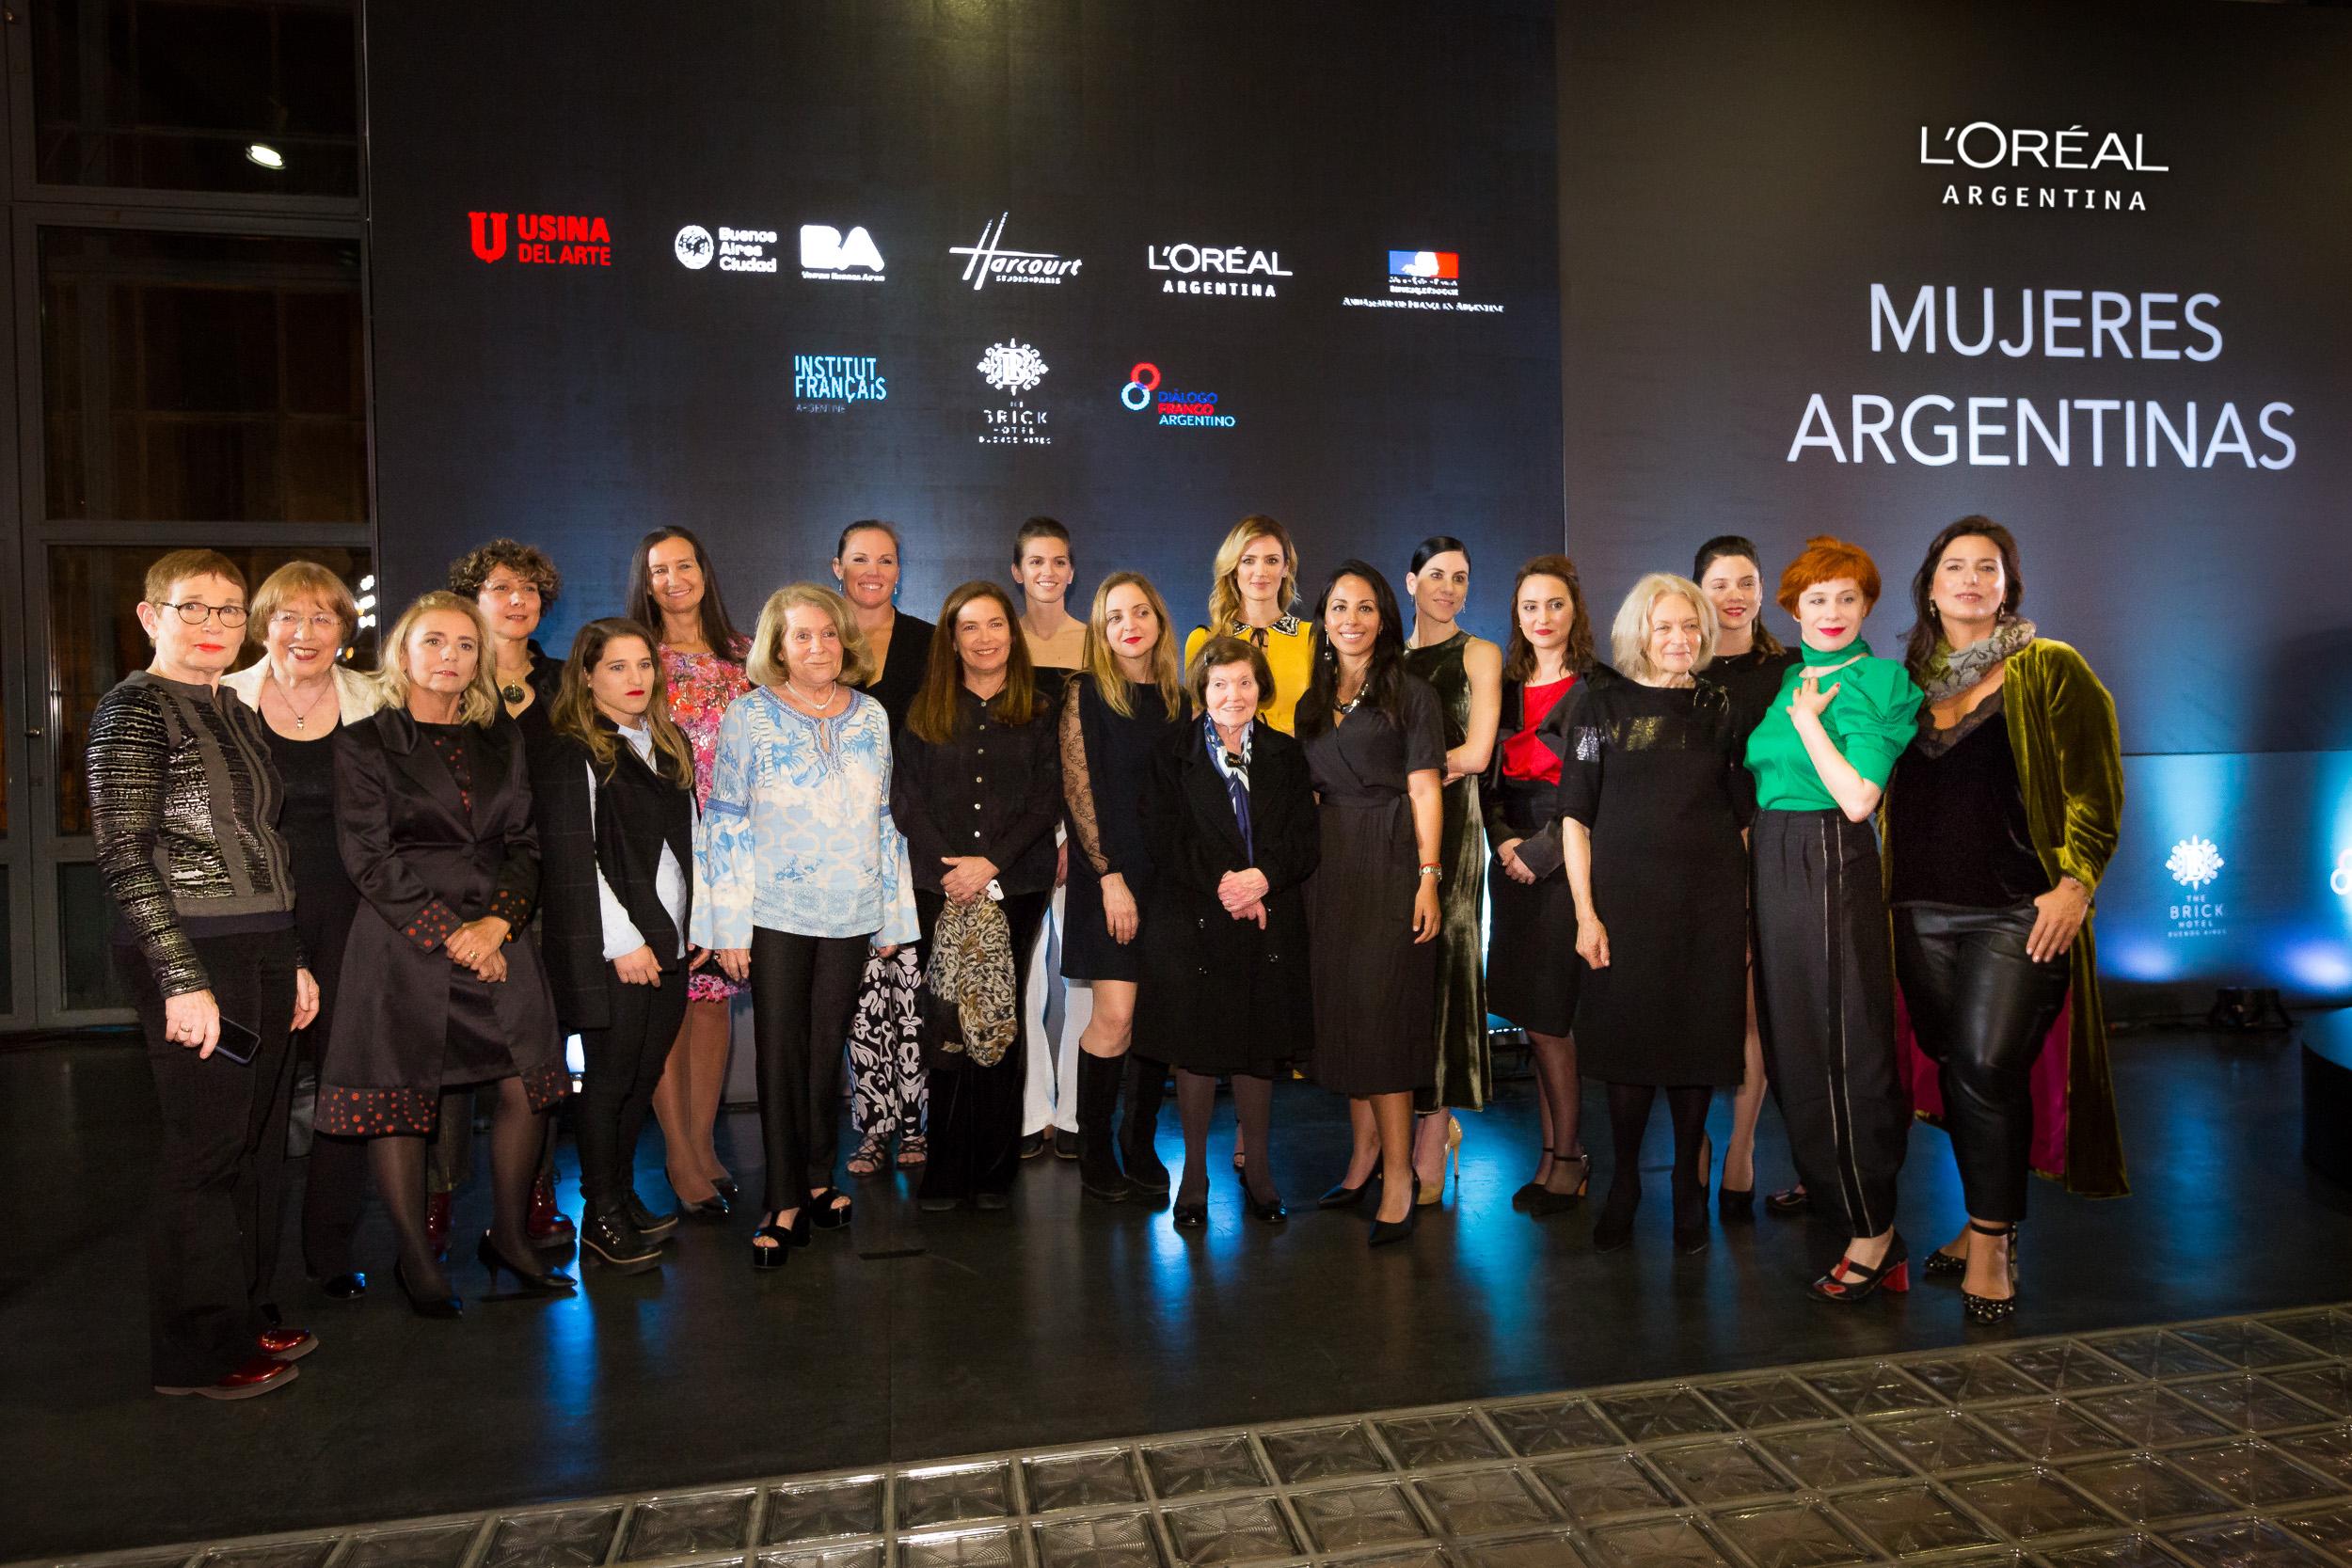 Todas las protagonistas que formaron parte de la muestra Mujeres Argentinas de L'Oréal